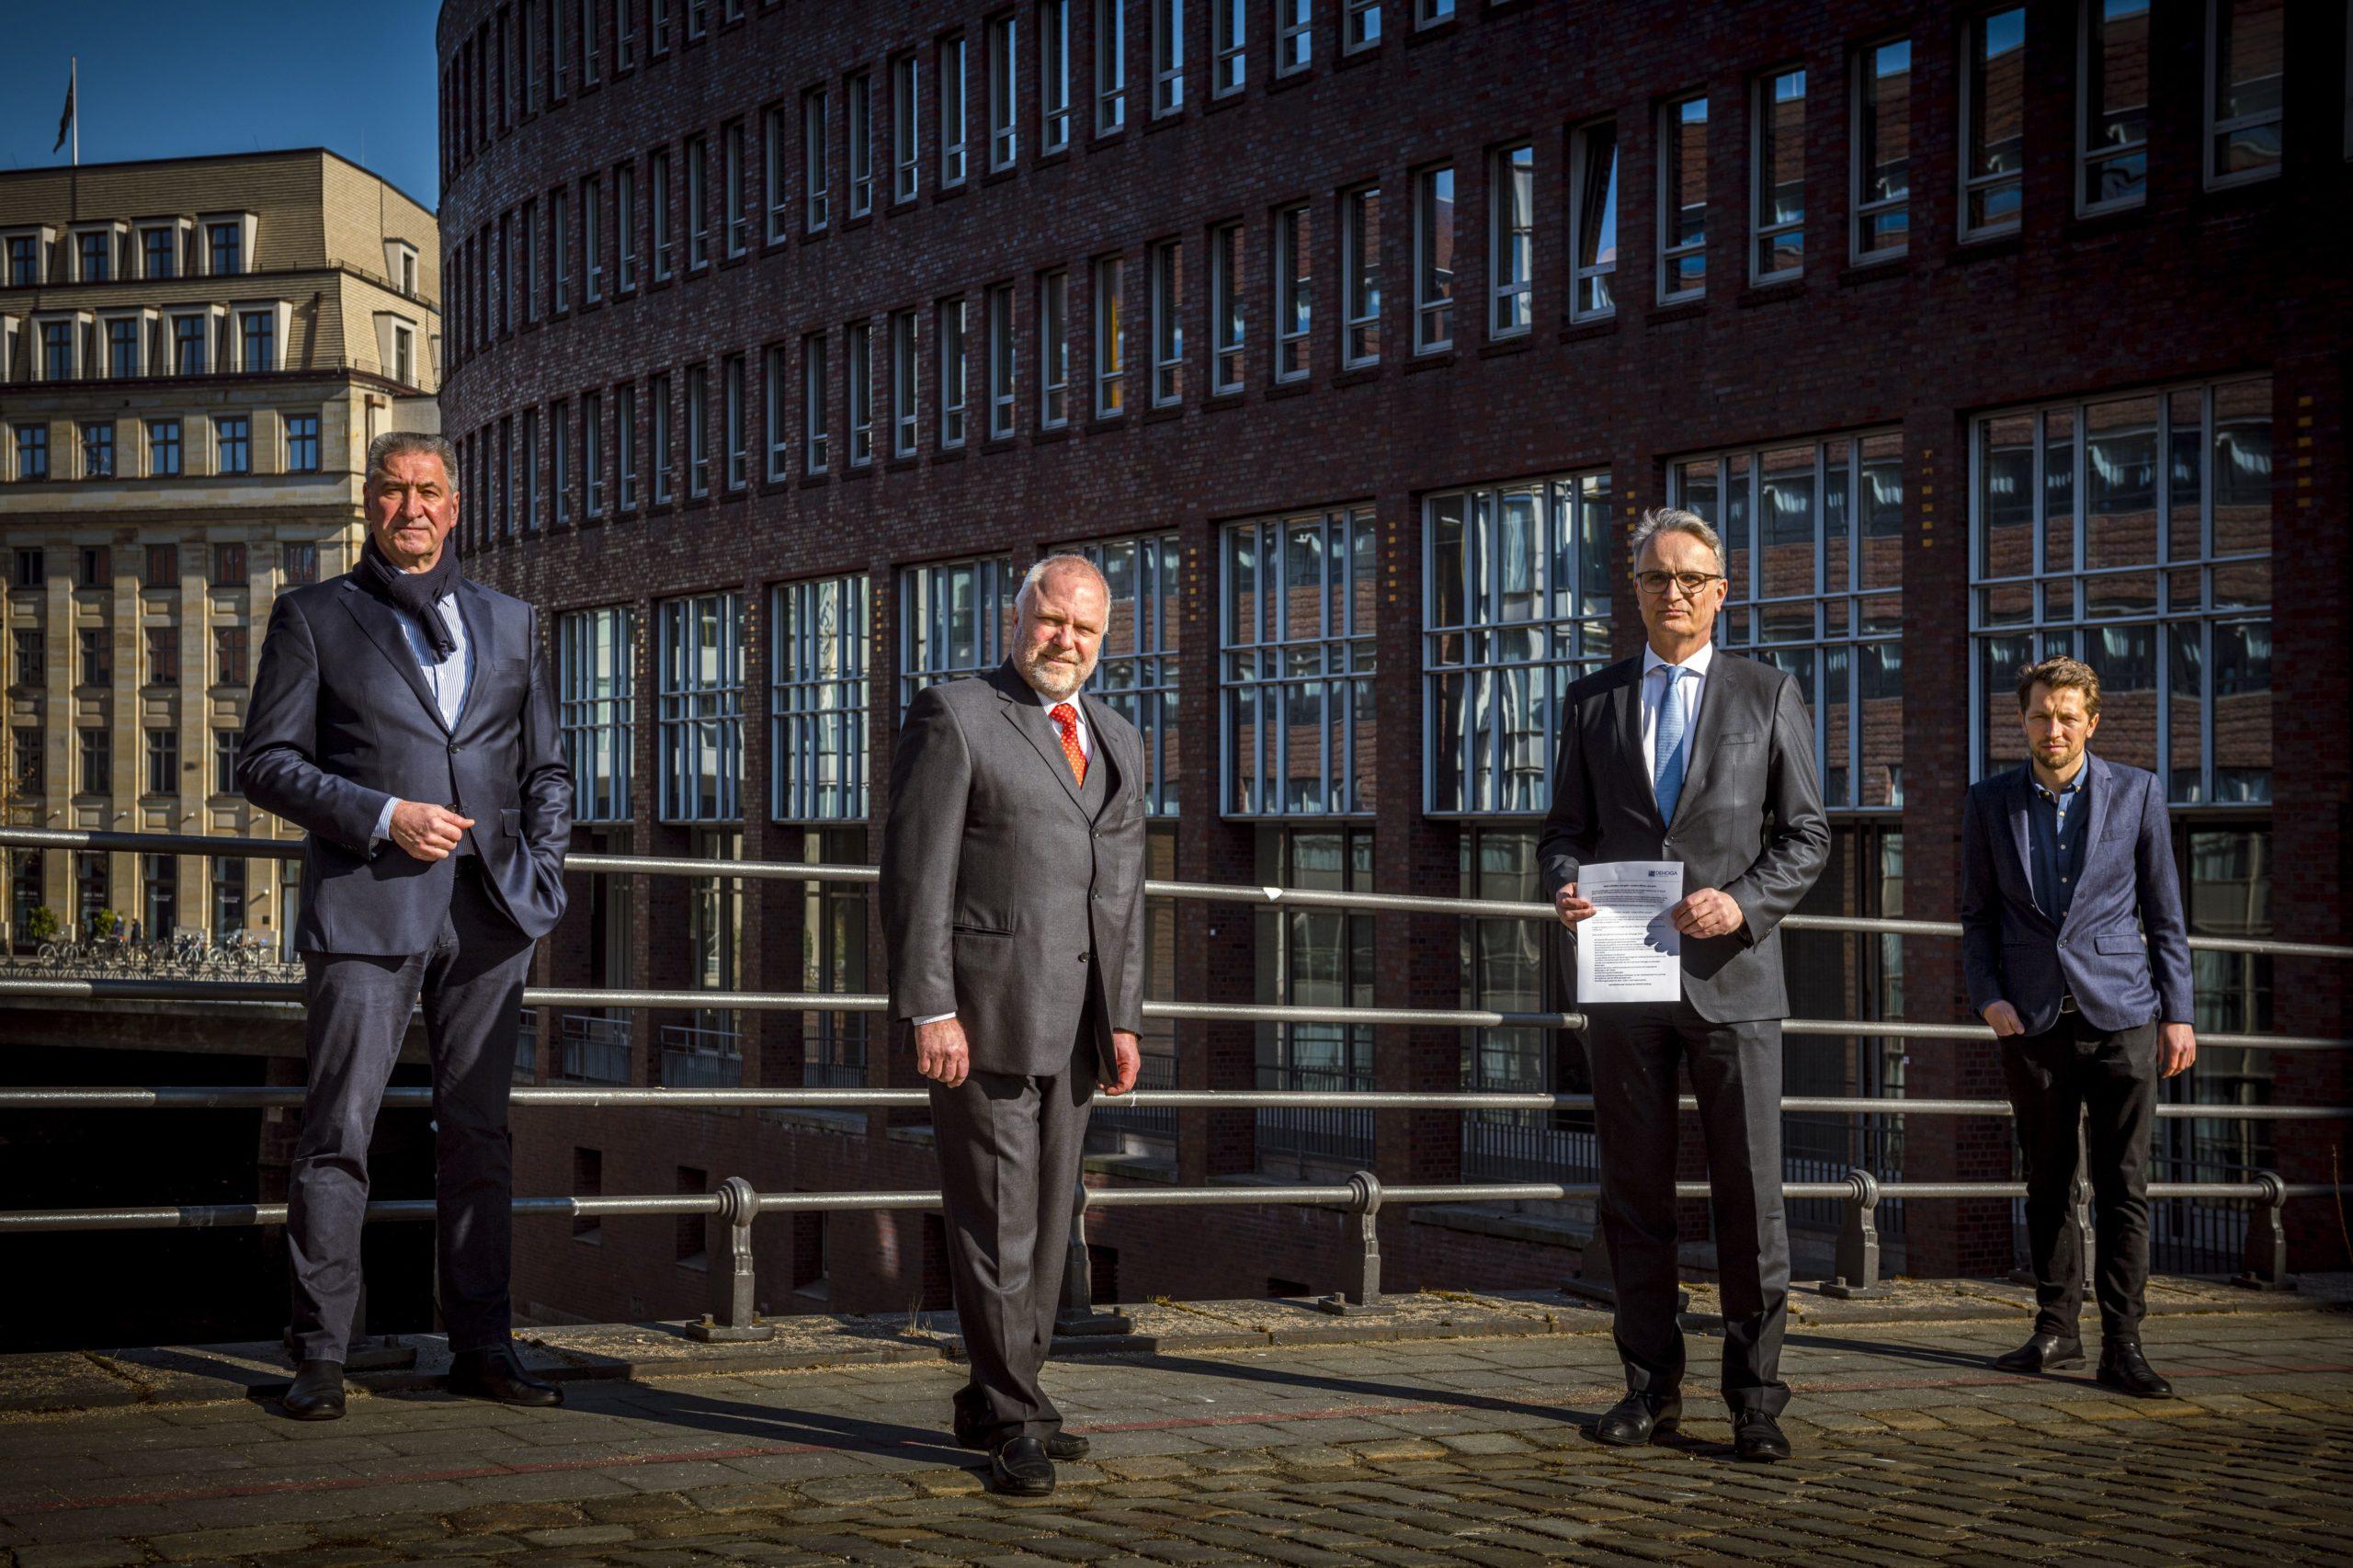 Jens Stacklies, Niklaus Kaiser von Rosenburg, Staatsrat Andreas Rieckhof, Hannes Vater / Fotohinweis: © IngoBoelter